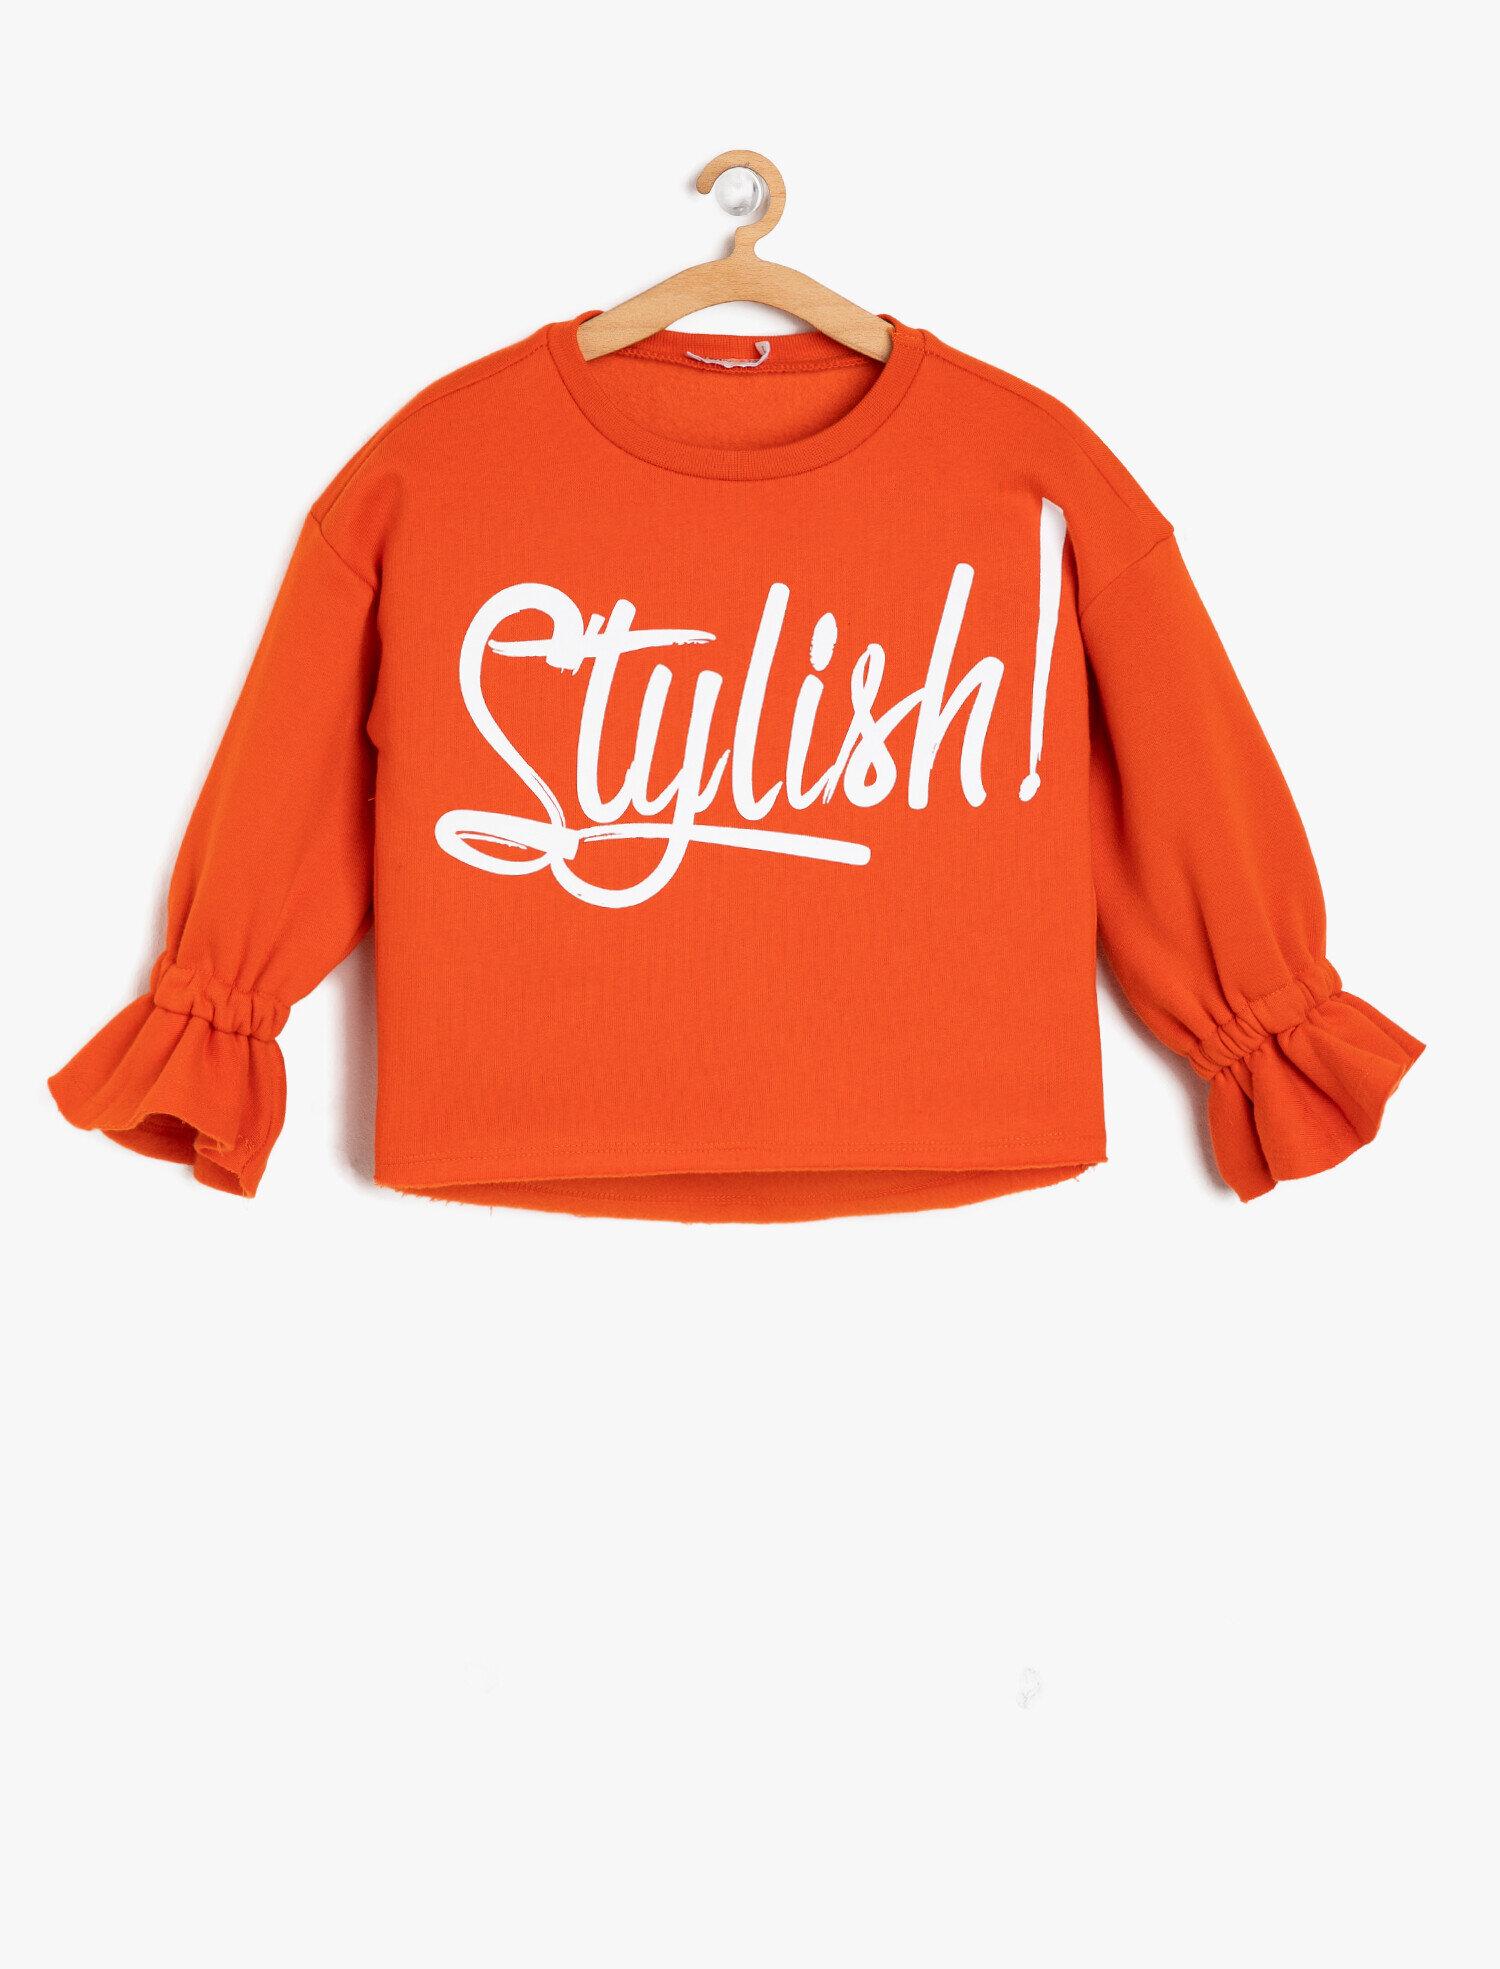 Koton Kız Çocuk Yazili Baskili Sweatshirt Turuncu Ürün Resmi